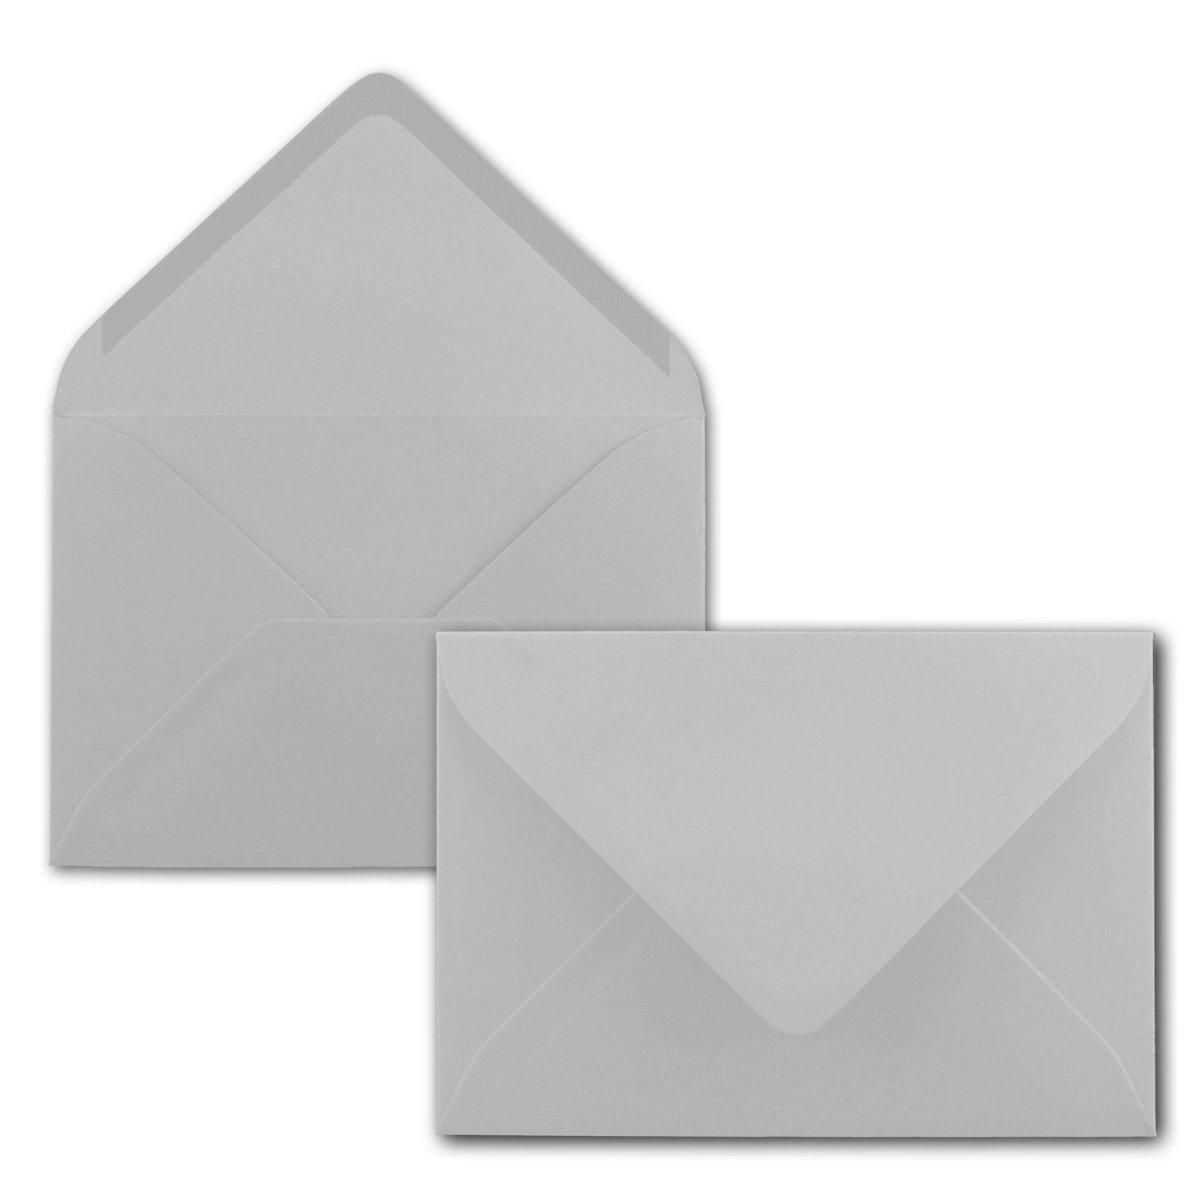 Brief-Umschläge Brief-Umschläge Brief-Umschläge in Nachtblau   150 Stück   DIN C5 KuGrüns 220 x 154 mm - Nassklebung ohne Fenster - Weihnachten, Grußkarten   Serie FarbenFroh® B07BQR68D7 | Öffnen Sie das Interesse und die Innovation Ihres Kindes, aber auch die Unschu 150f61